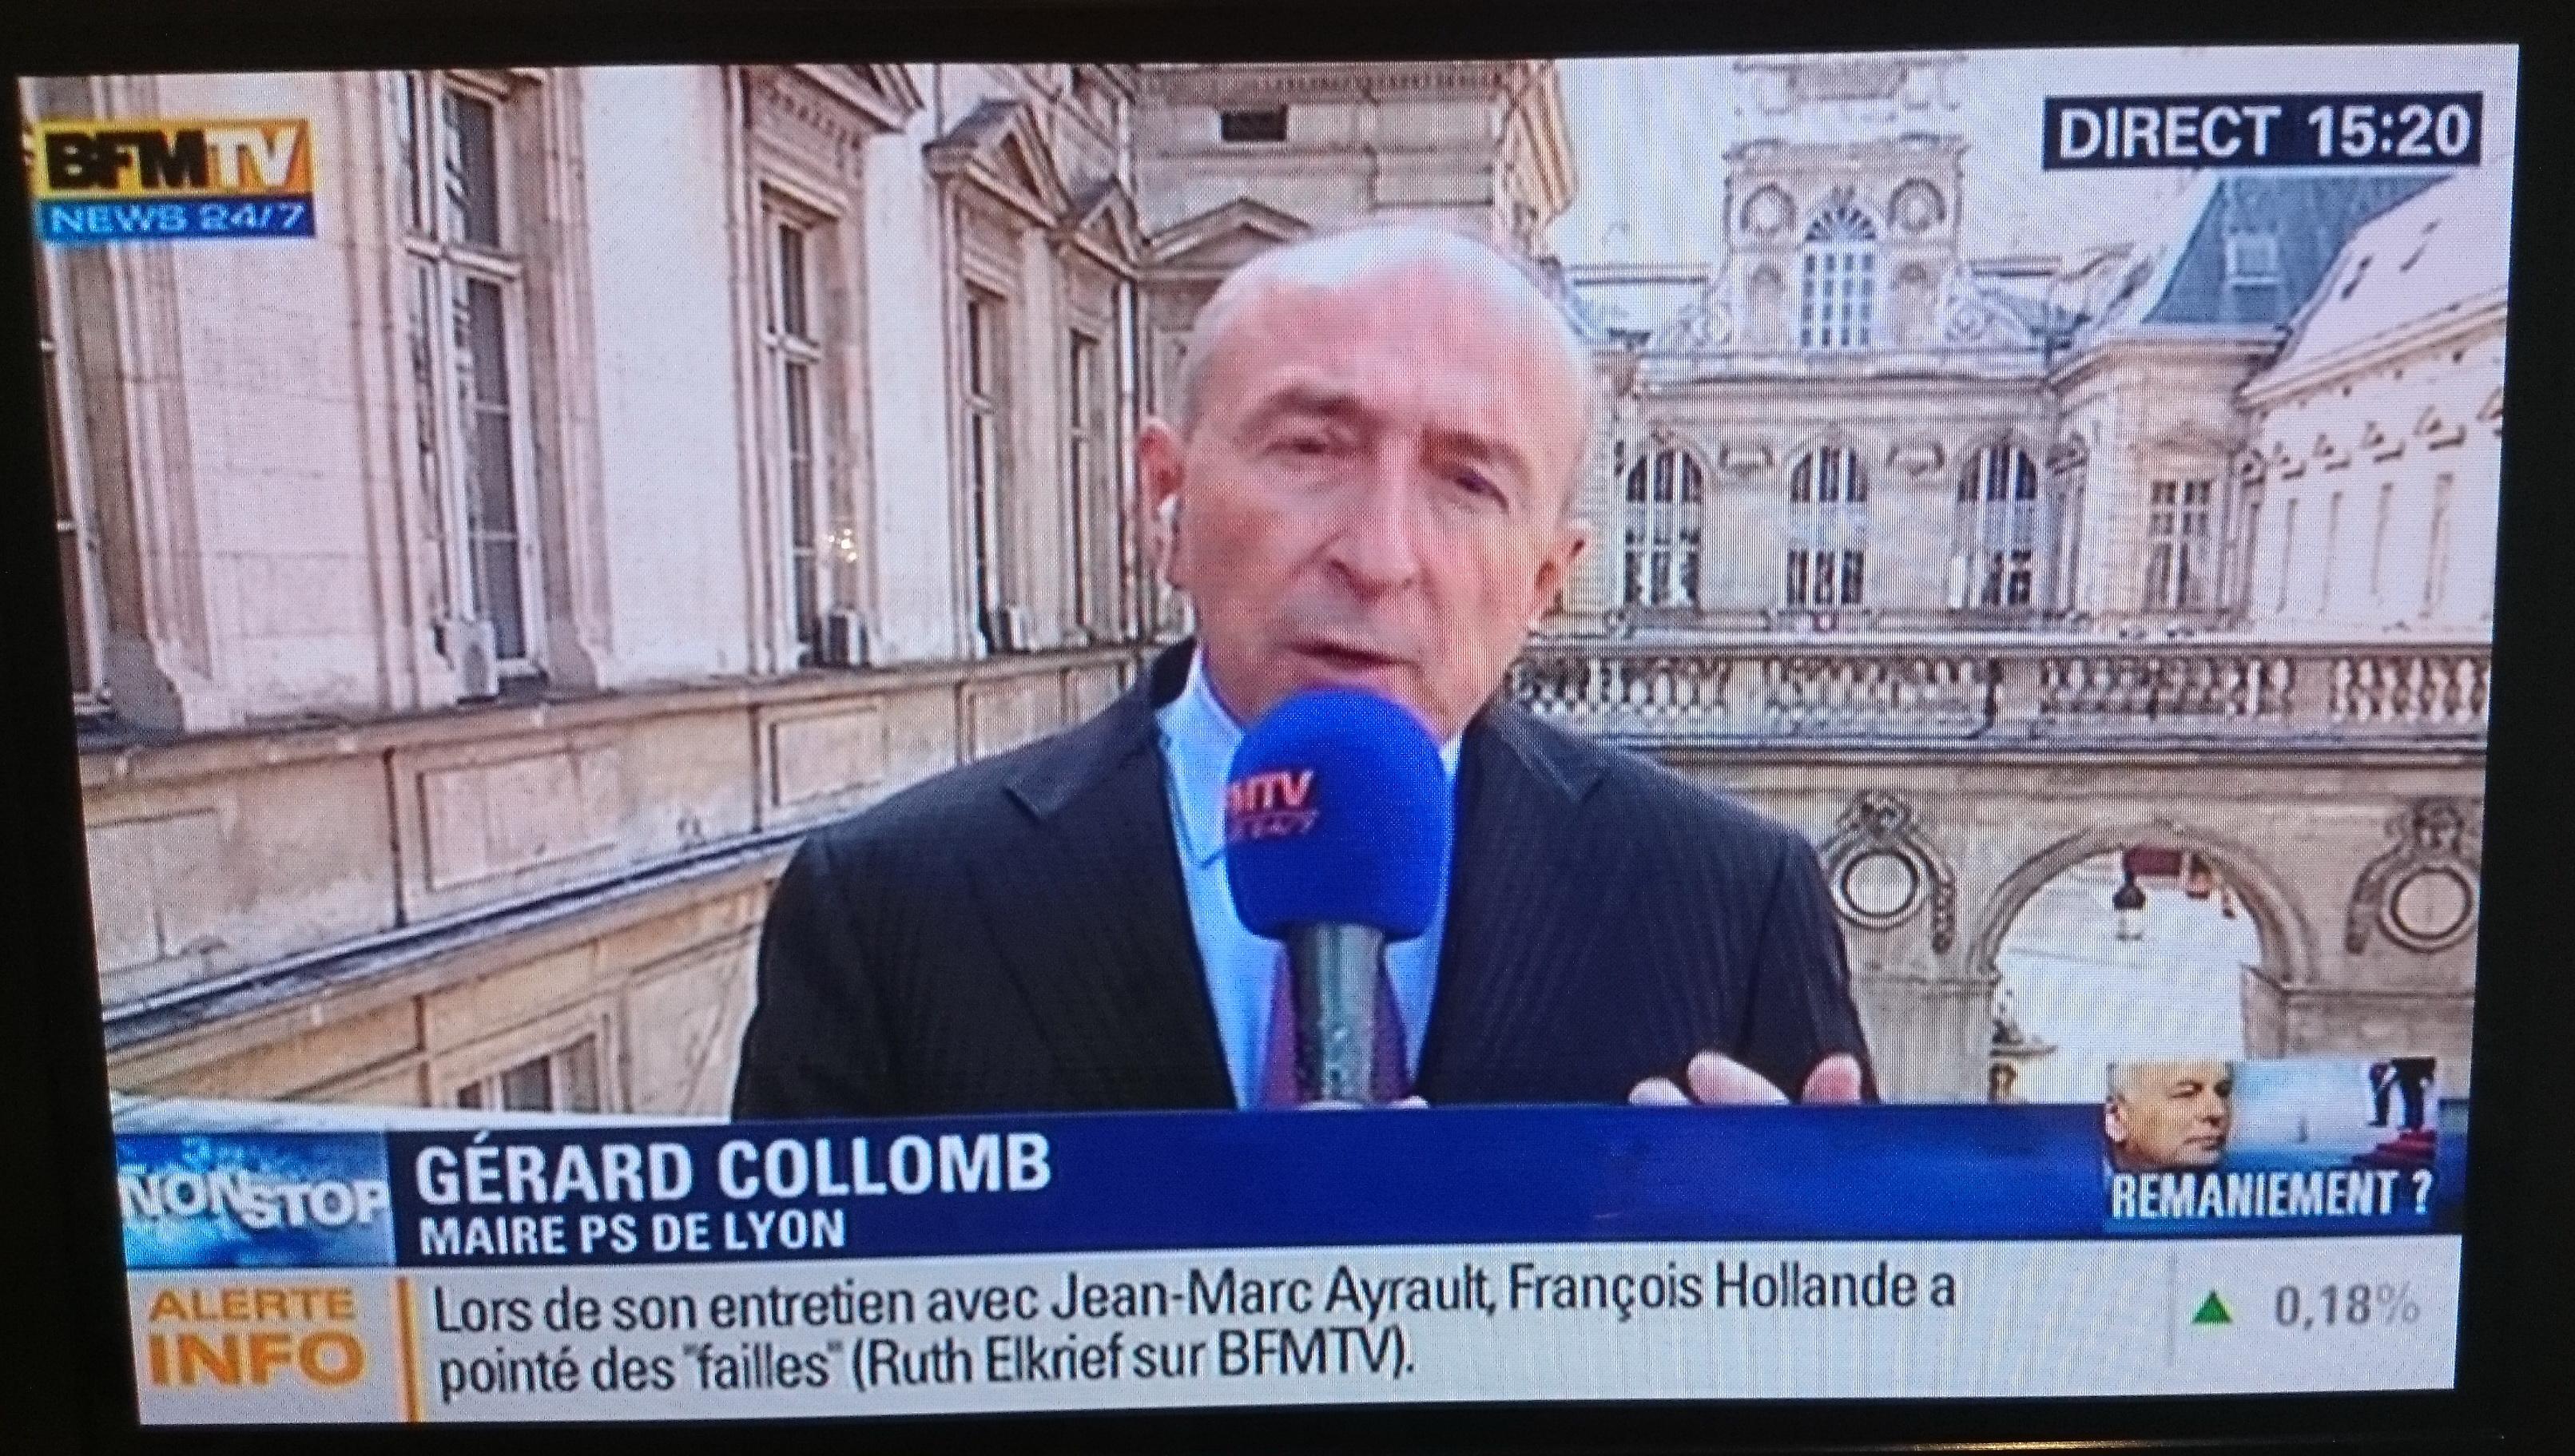 Gérard Collomb joue aujourd'hui son avenir national